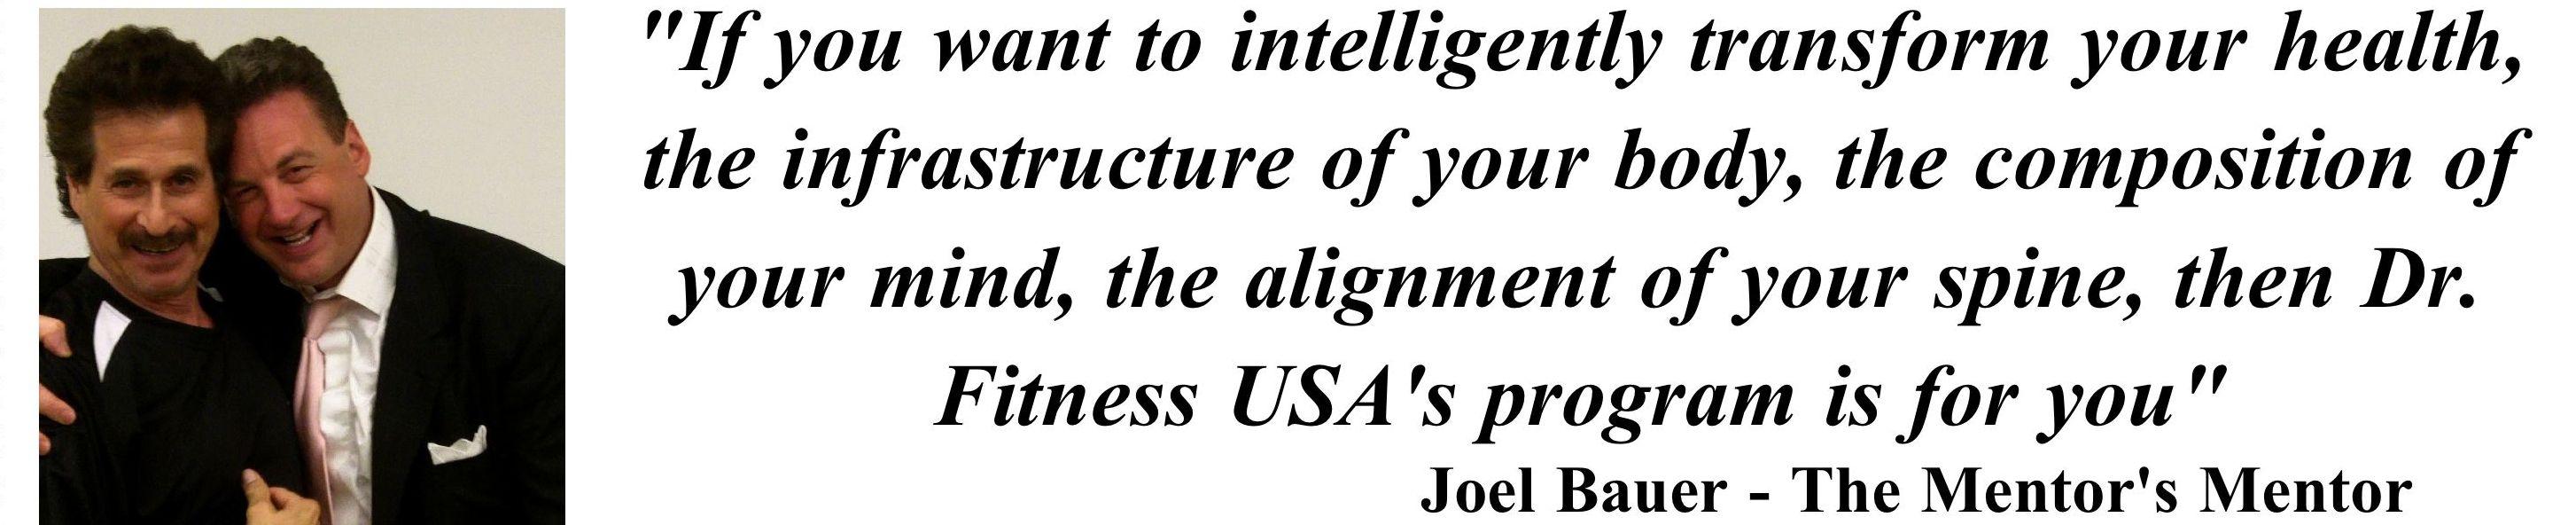 Joel testimonial